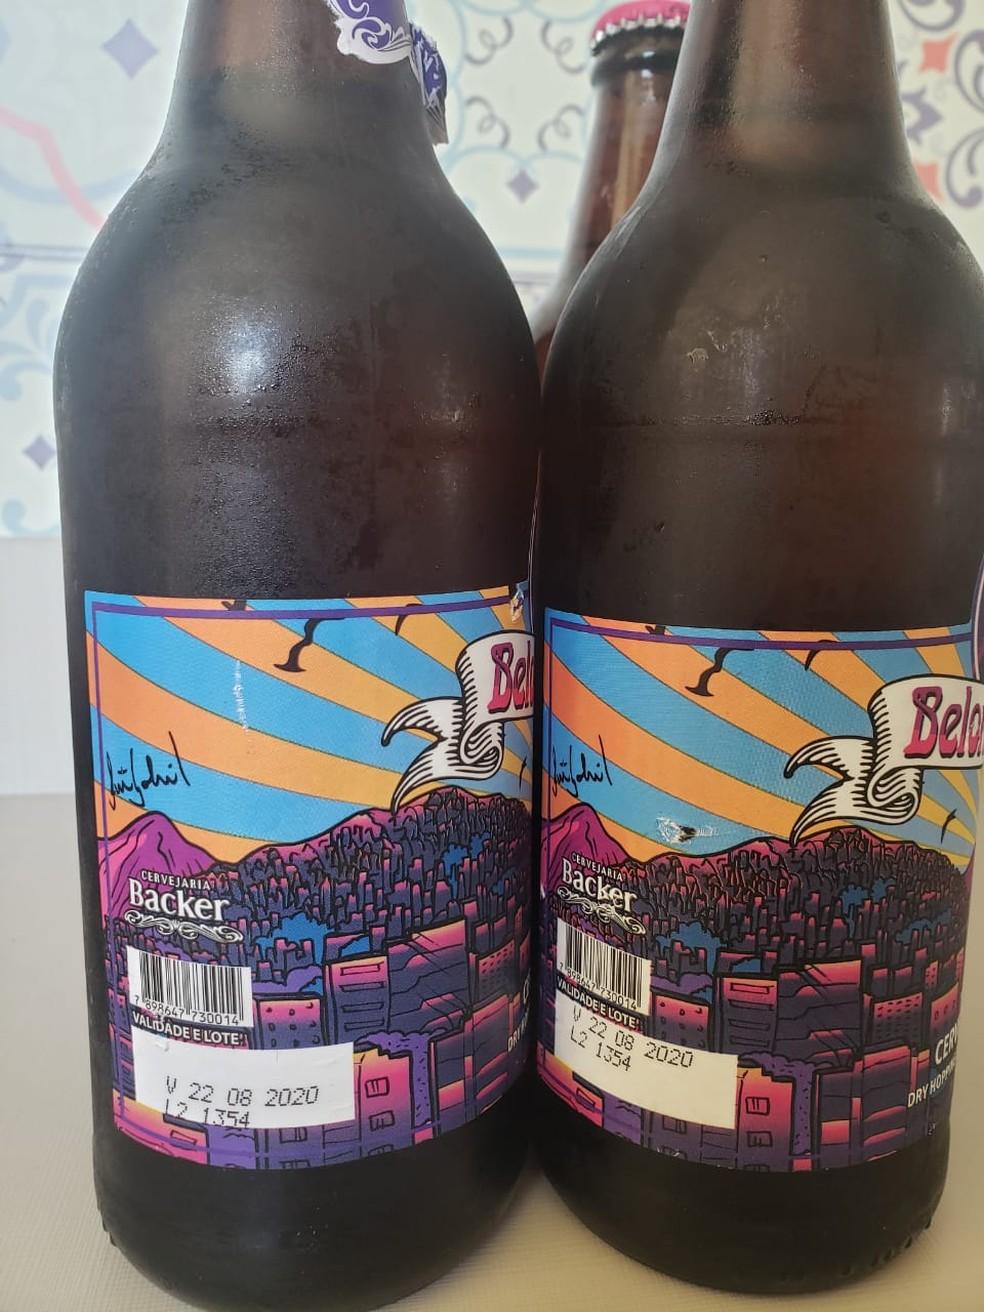 Lote L2 1354, da cerveja Belorizontina, é analisado pela Polícia Civil. — Foto: Flávia Lages/ TV Globo